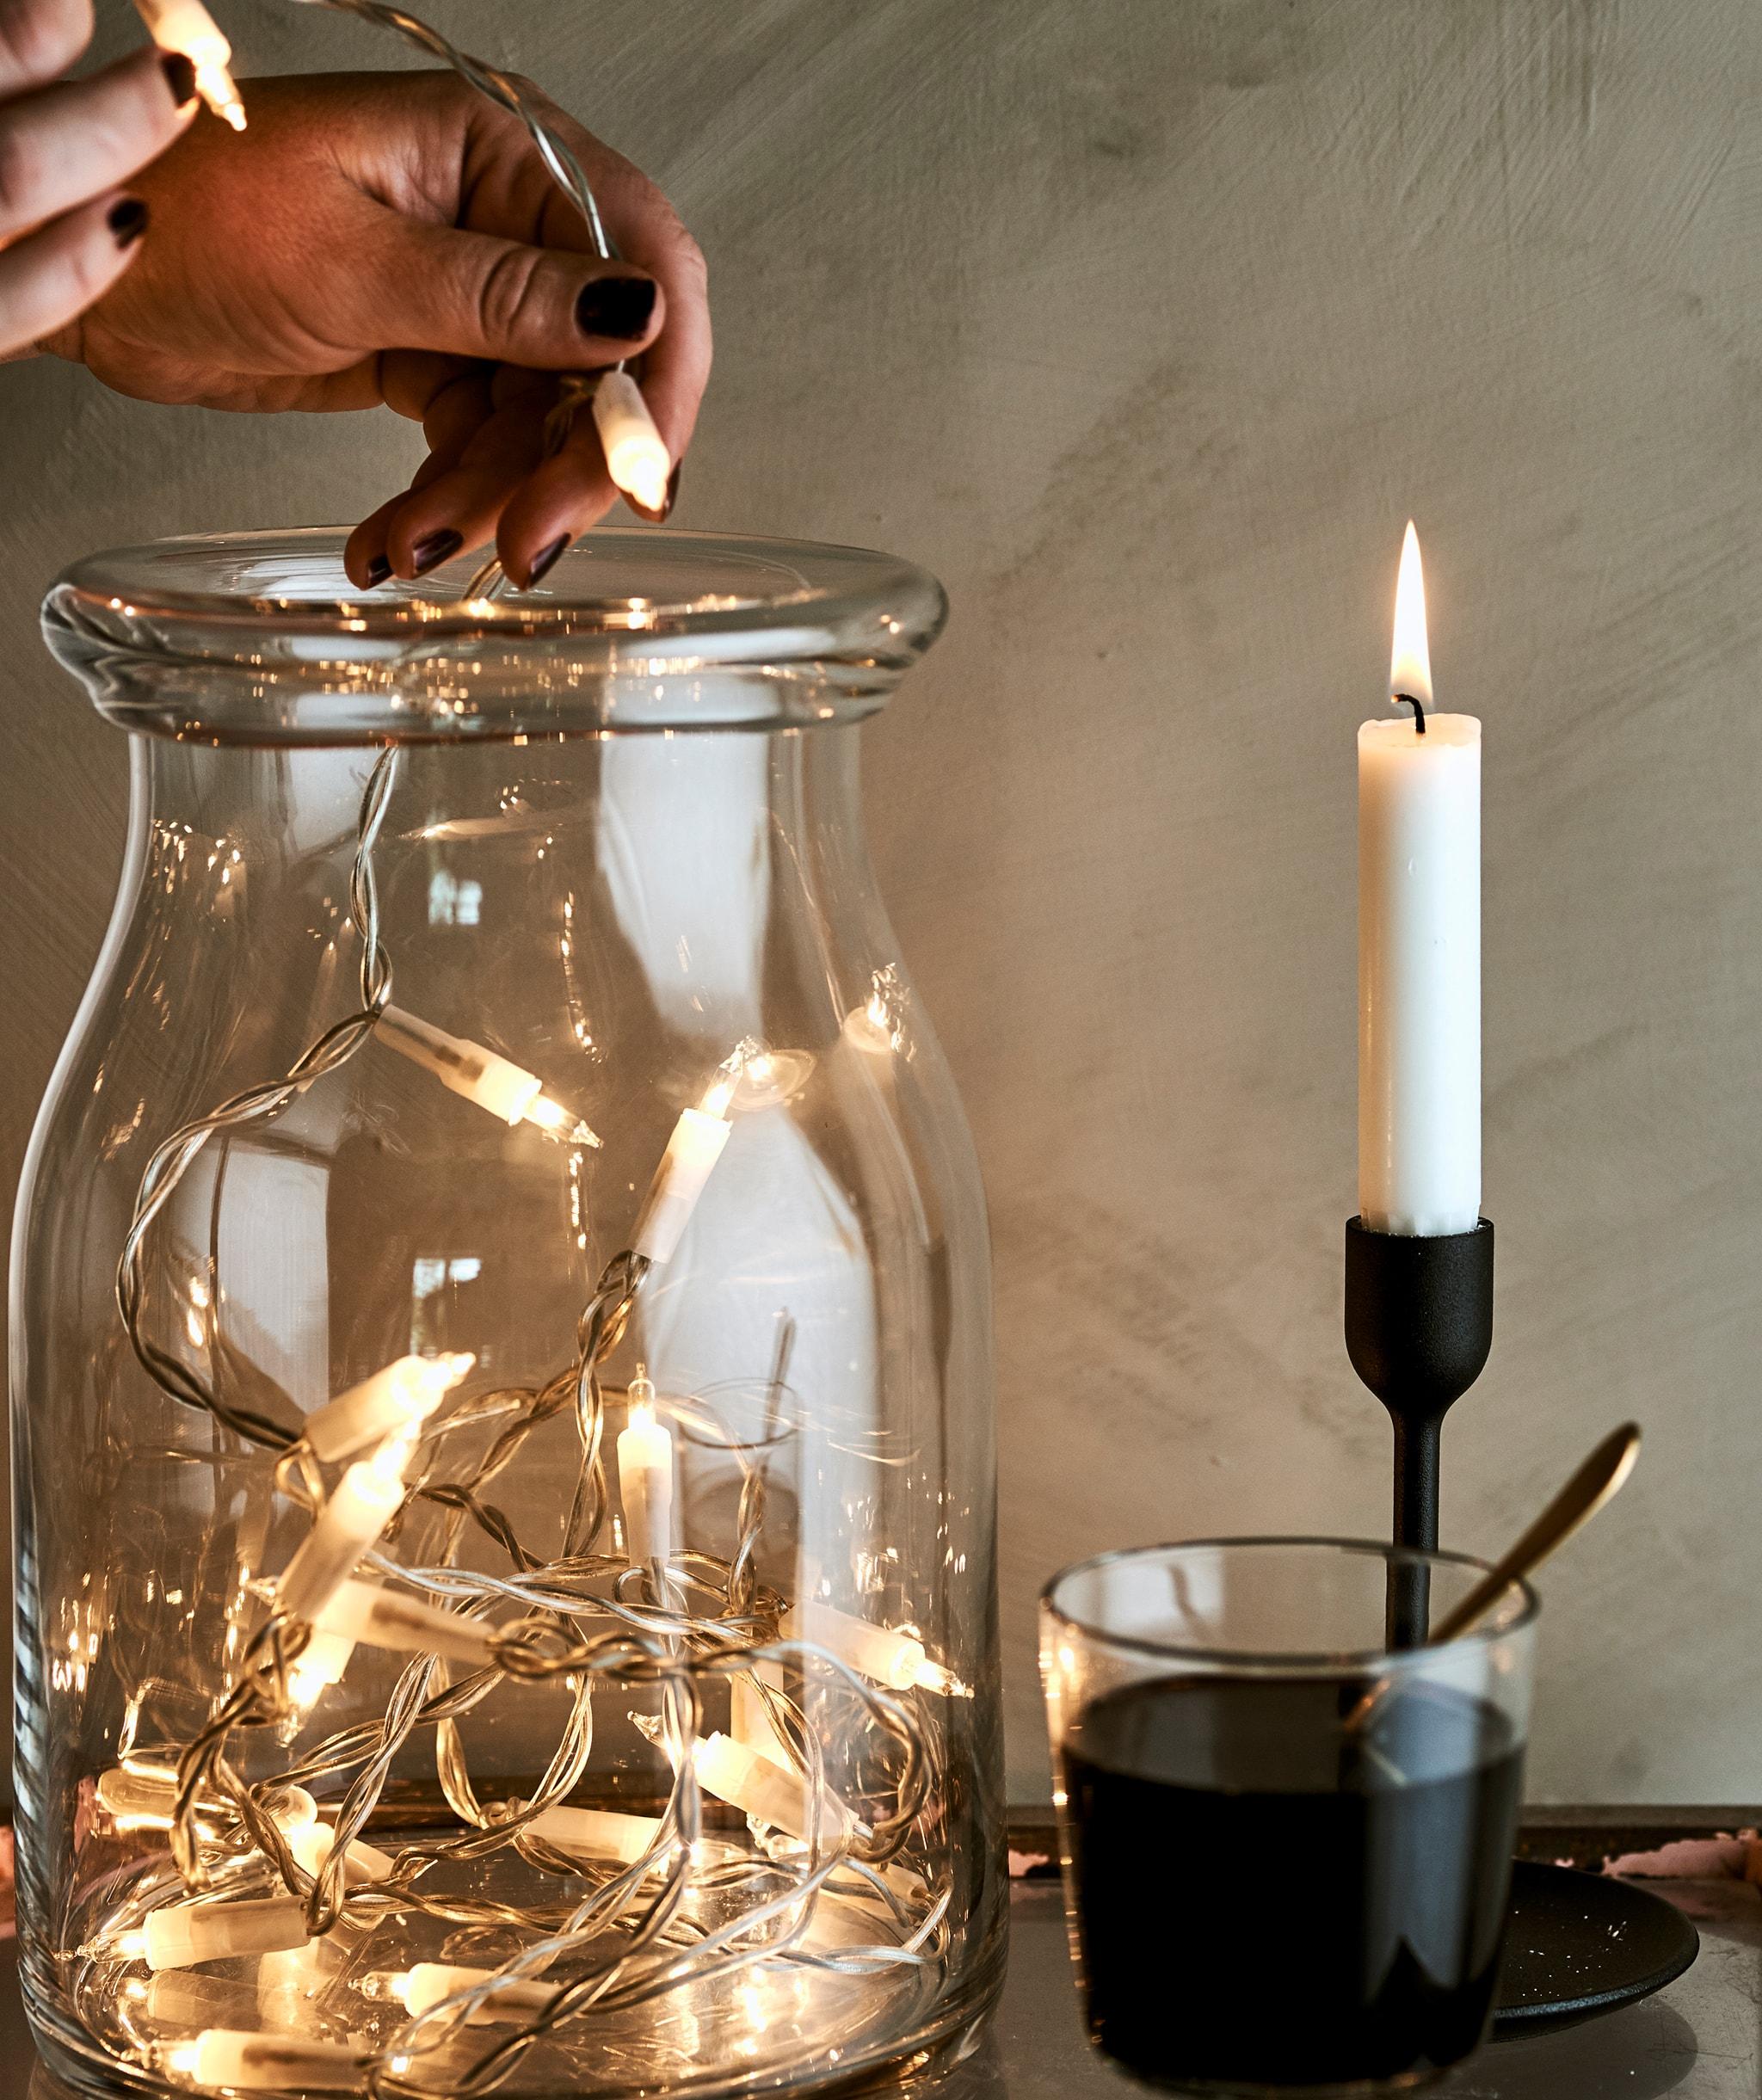 一名女子將裝飾燈串放入玻璃瓶,旁邊有一杯酒和插在黑色燭台上的蠟燭。